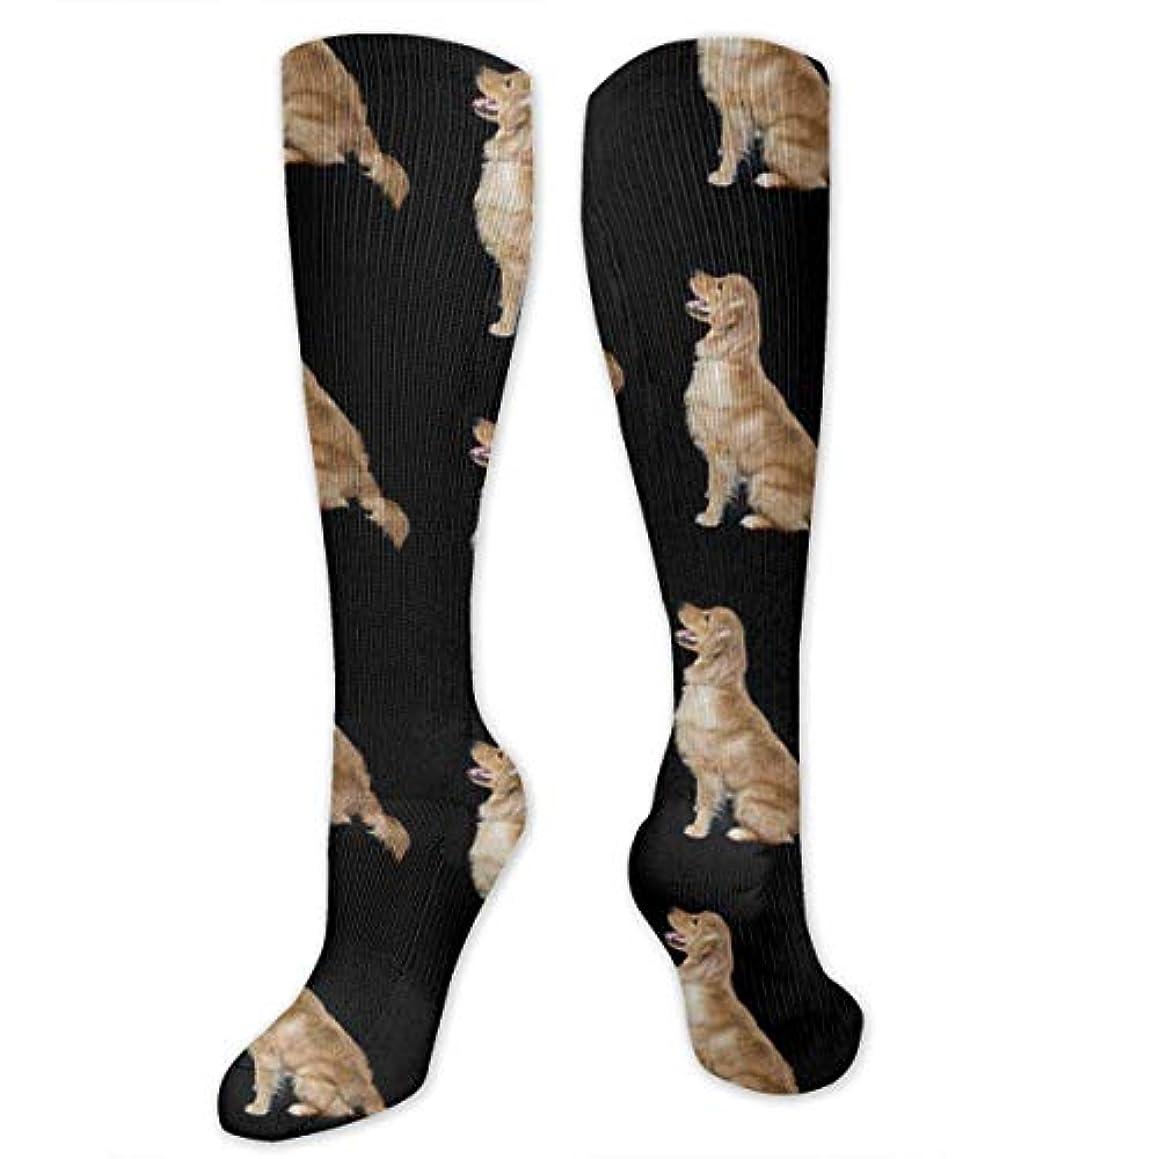 市町村デッド雑品靴下,ストッキング,野生のジョーカー,実際,秋の本質,冬必須,サマーウェア&RBXAA Women's Winter Cotton Long Tube Socks Knee High Graduated Compression...